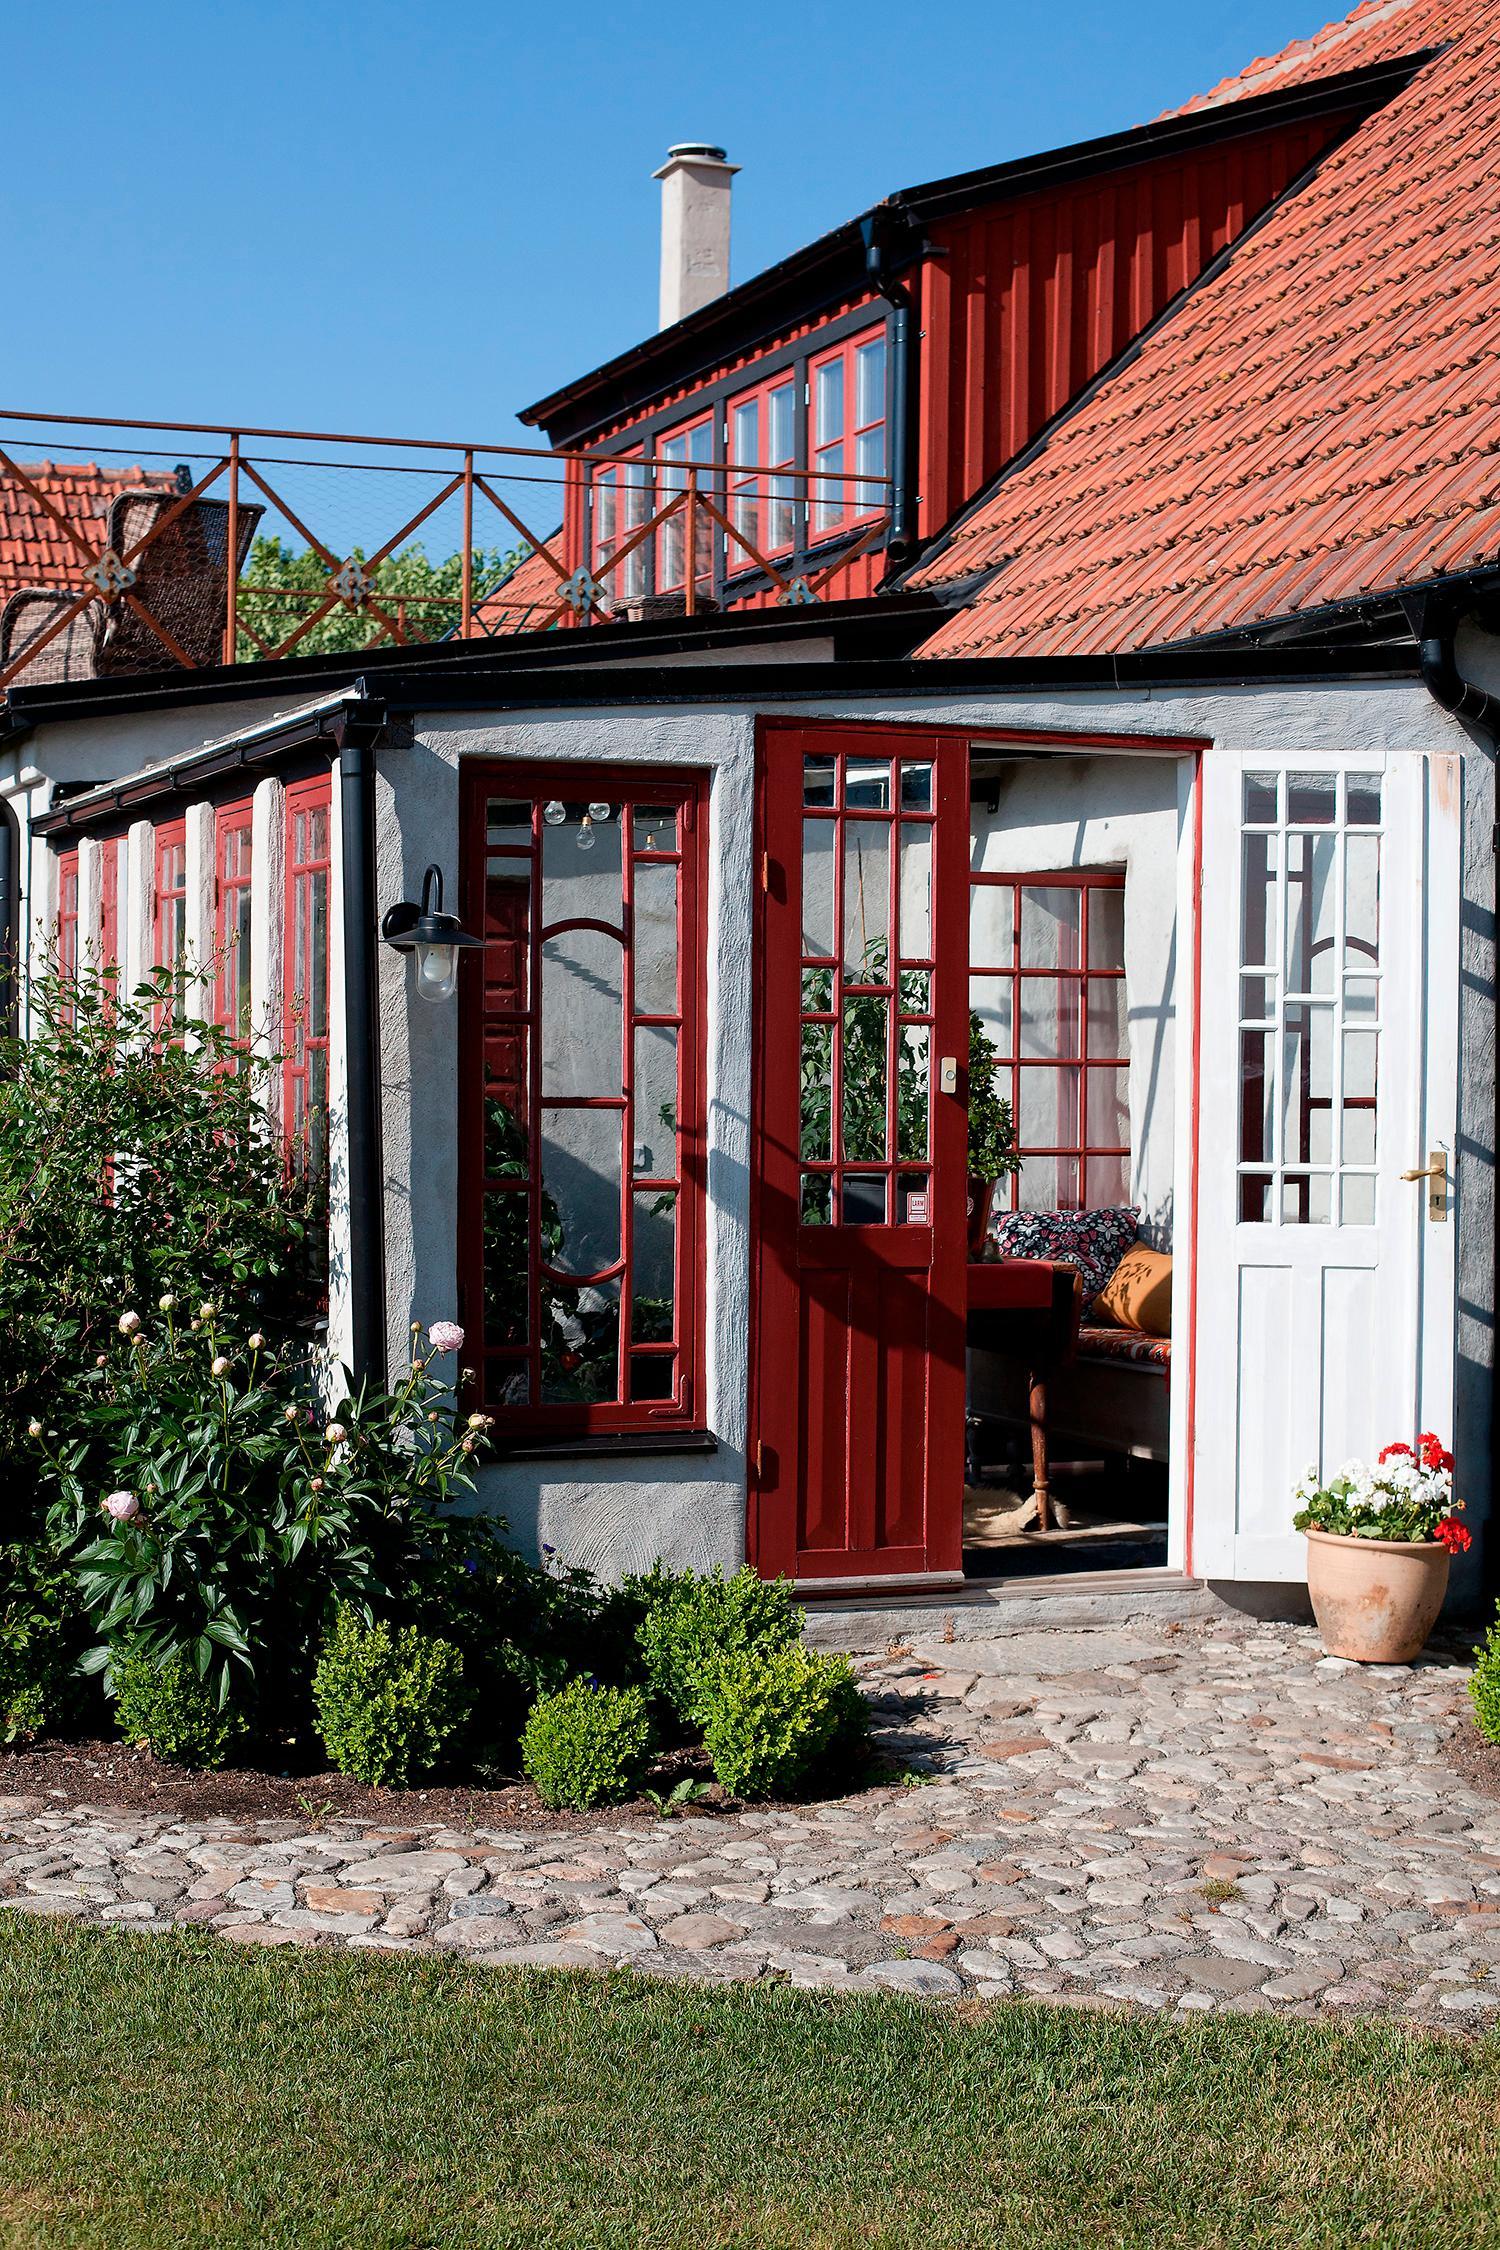 Det vackra orangeriet som ligger i anslutning till det stora köket byggde Anders 2017. De gamla fönstren och dörrarna som Anders hittade på en vind på gården har tidigare suttit på en punschveranda på den stora mangårdsbyggnaden där Anders numera driver hotell.